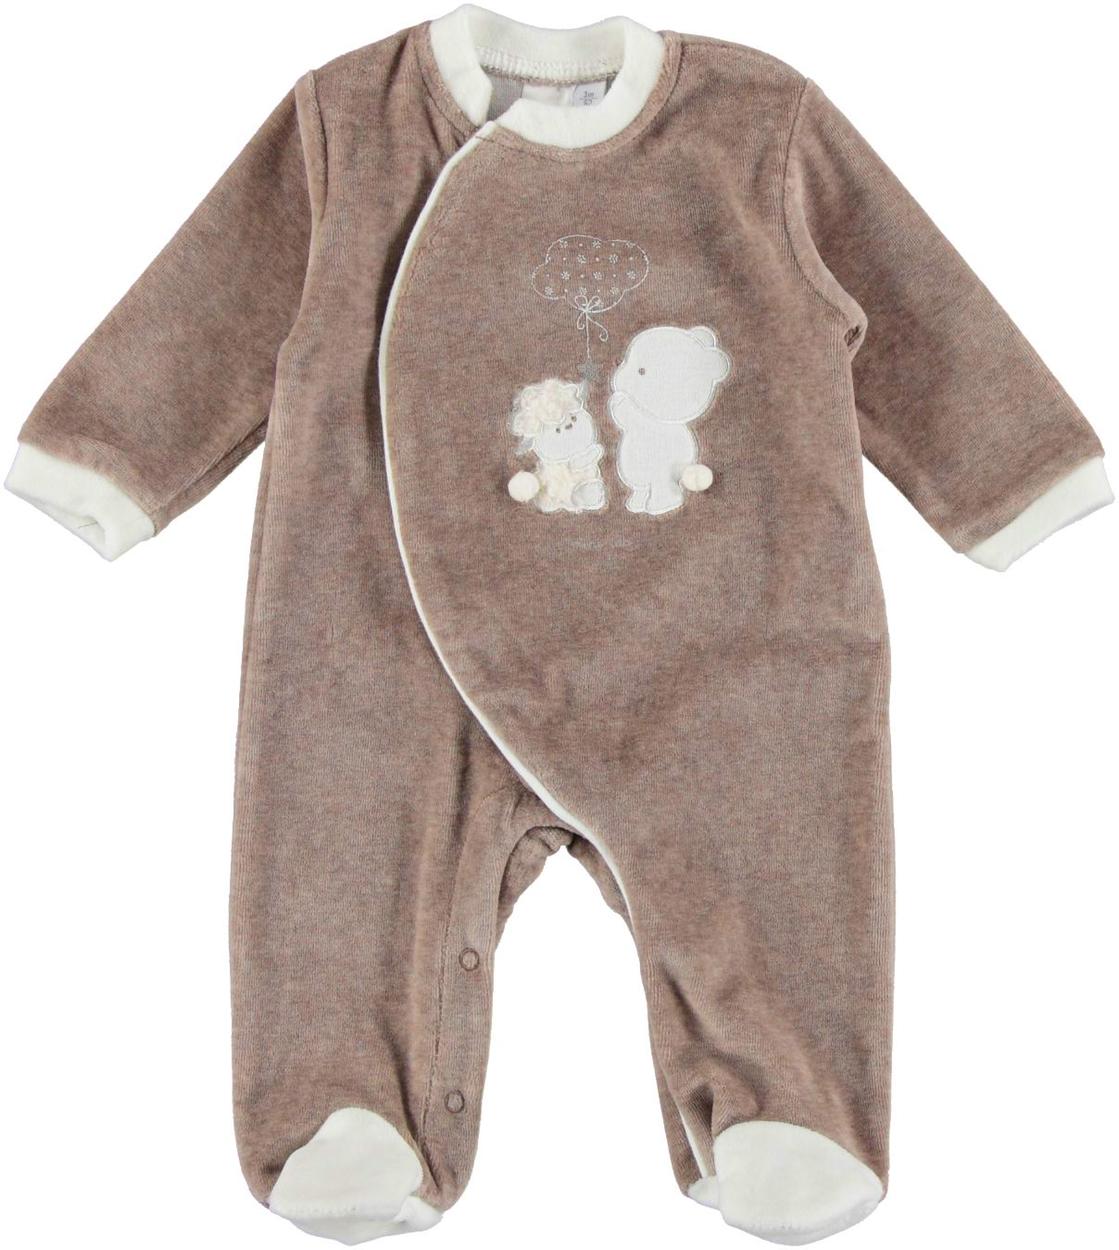 nuovo stile di vita nuovo stile di ottima vestibilità Tutina intera neonato unisex in ciniglia vestibilità da 0 a 18 mesi iDO